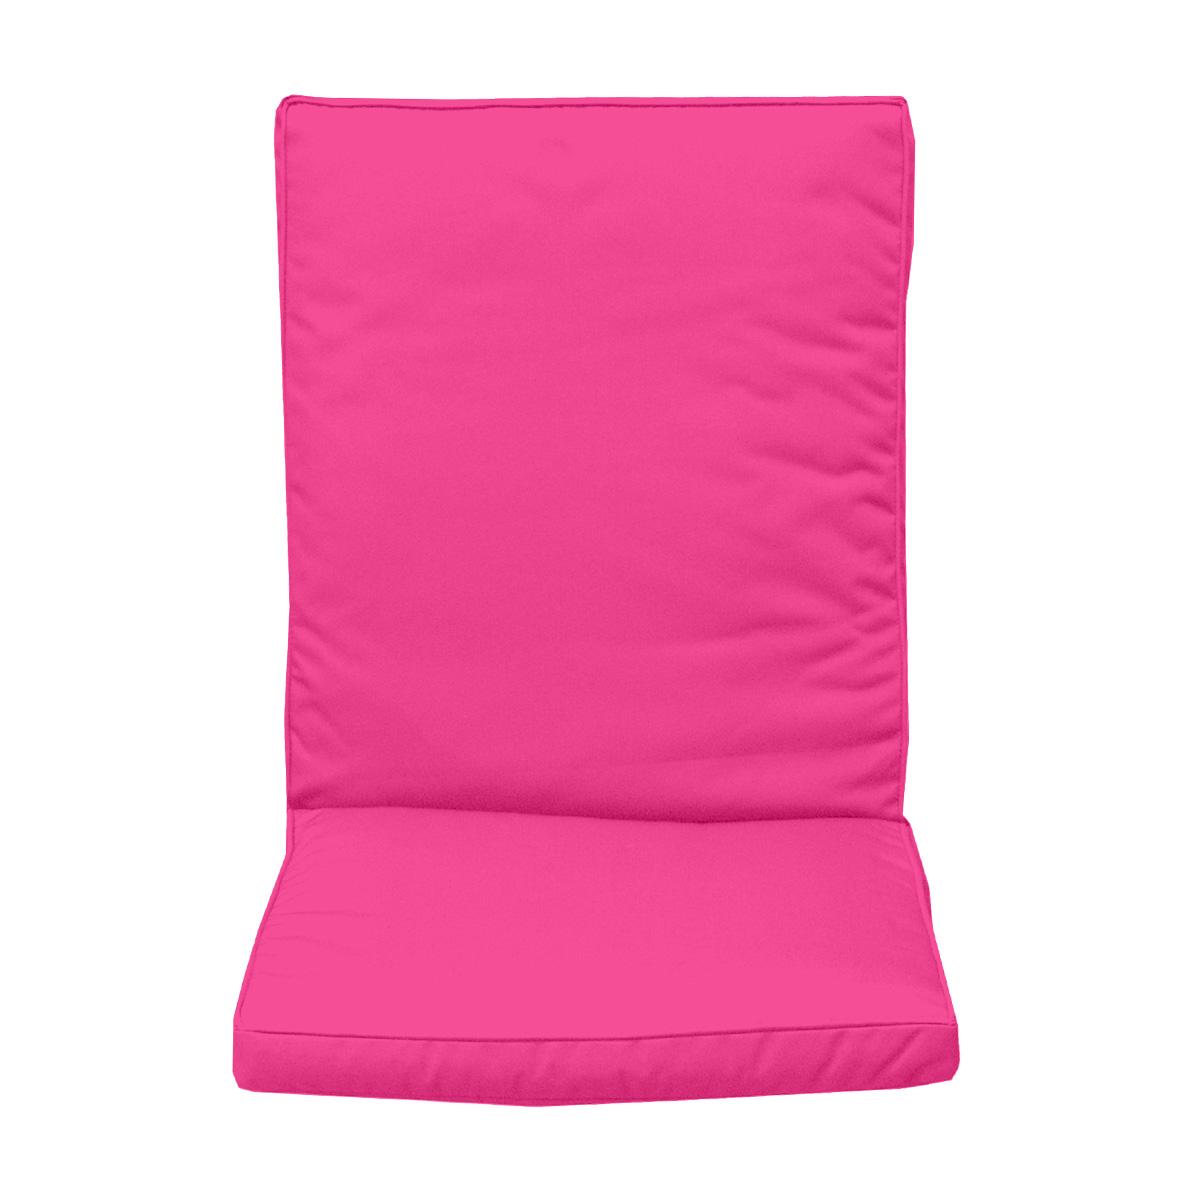 Coussin de dossier pour fauteuil fuchsia